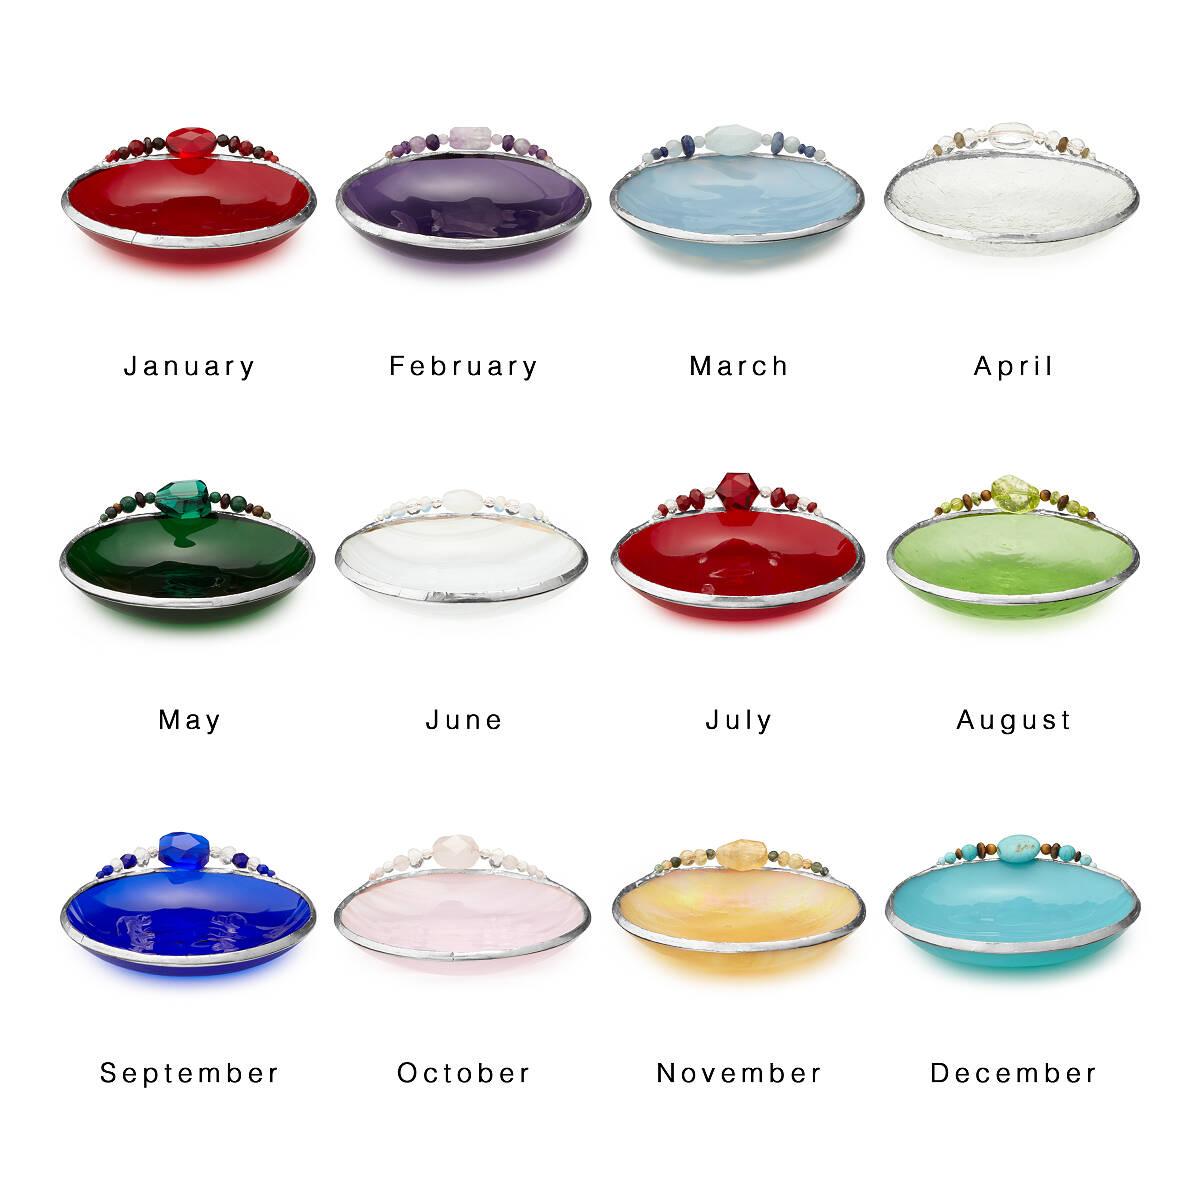 Birth month mini dish birth stone glass jewelry dish uncommongoods birth month mini dish 2 thumbnail biocorpaavc